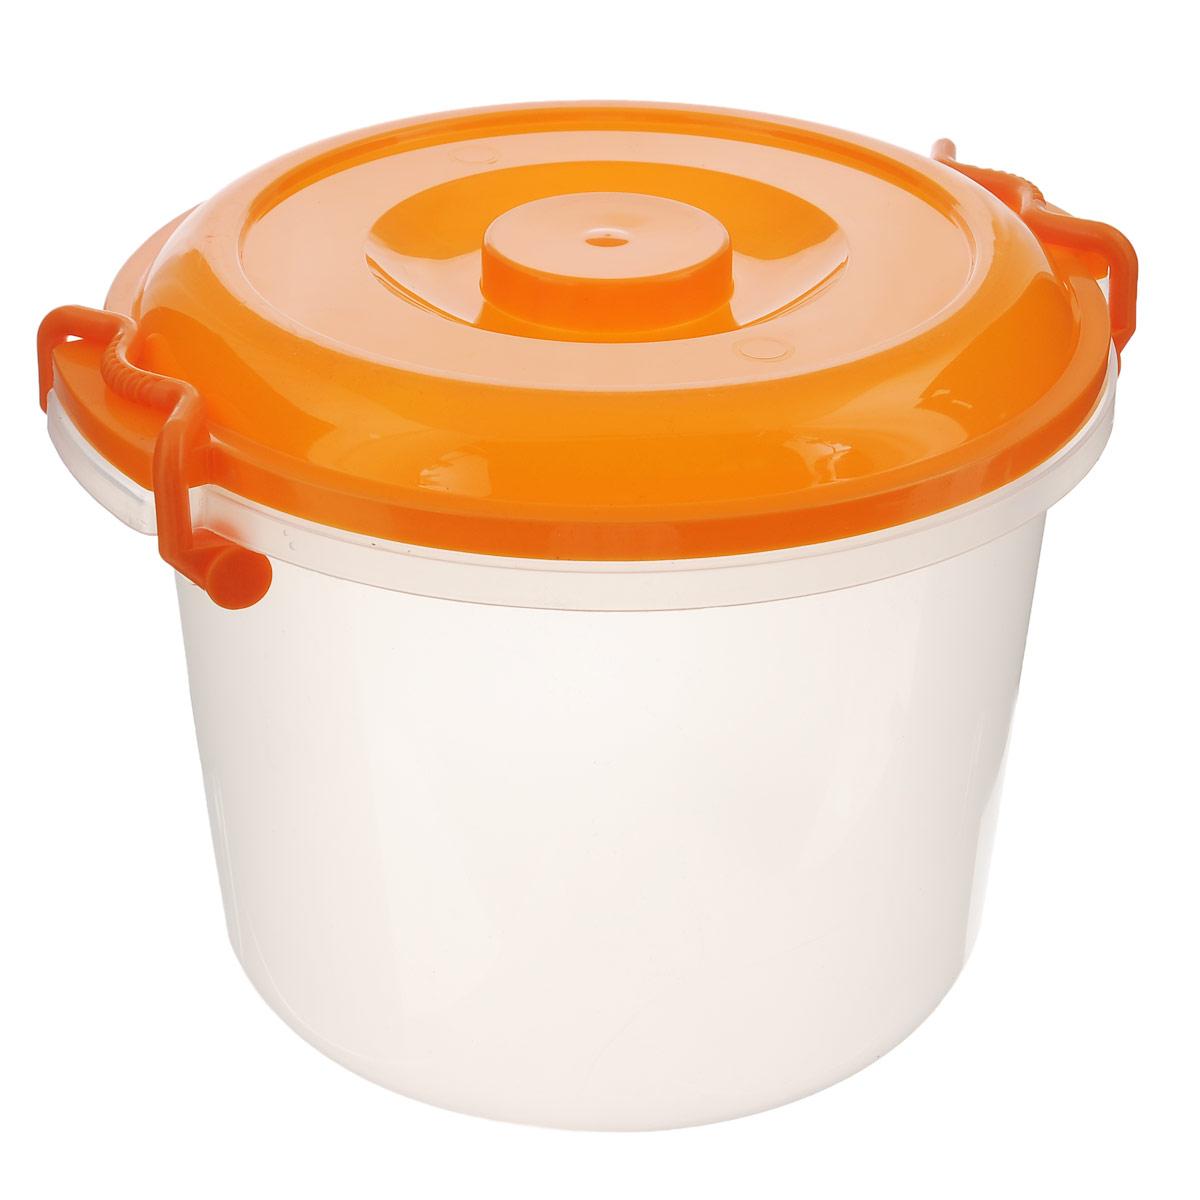 Контейнер Альтернатива, цвет: оранжевый, прозрачный, 8 лM098Контейнер Альтернатива изготовлен из высококачественного пищевого пластика. Изделие оснащено крышкой и ручками, которые плотно закрывают контейнер. Также на крышке имеется ручка для удобной переноски. Емкость предназначена для хранения различных бытовых вещей и продуктов. Такой контейнер очень функционален и всегда пригодится на кухне. Диаметр контейнера (по верхнему краю): 25 см. Высота контейнера (без учета крышки): 21 см. Объем: 8 л.